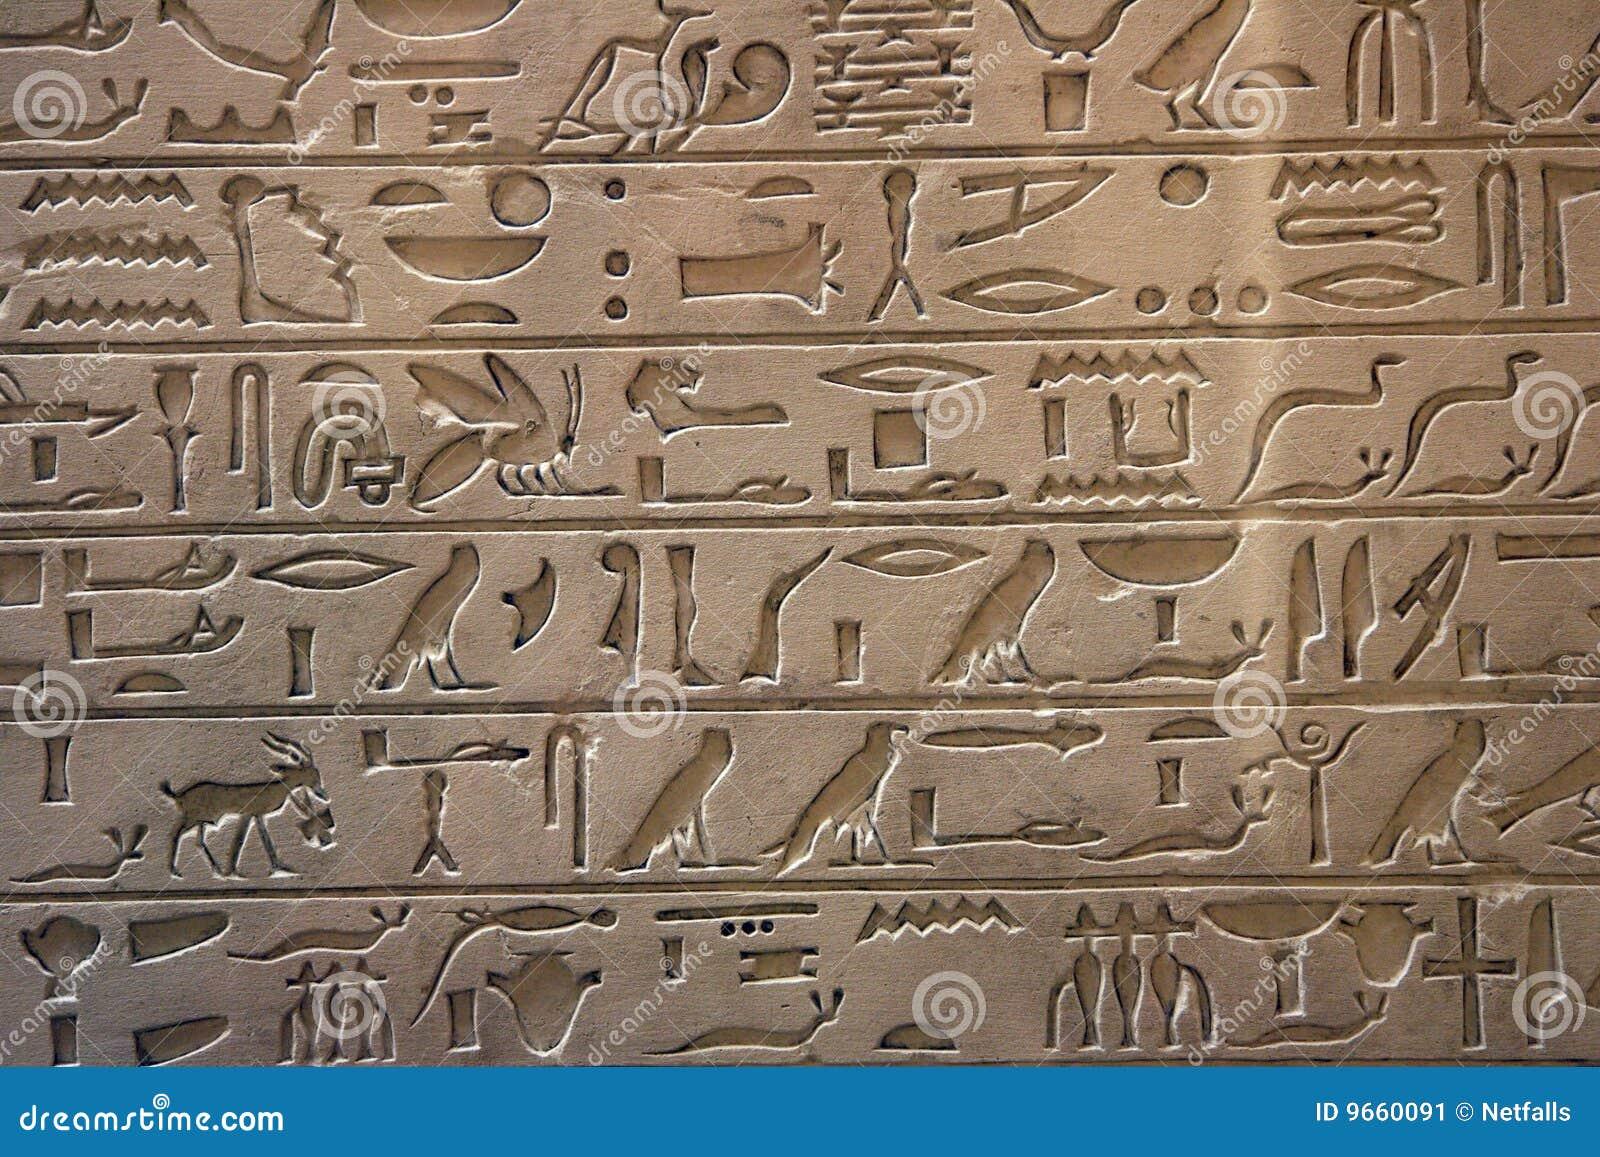 Geschiedenis Van Egypte Stock Afbeelding - Afbeelding: 9660091: nl.dreamstime.com/stock-afbeelding-geschiedenis-van-egypte...